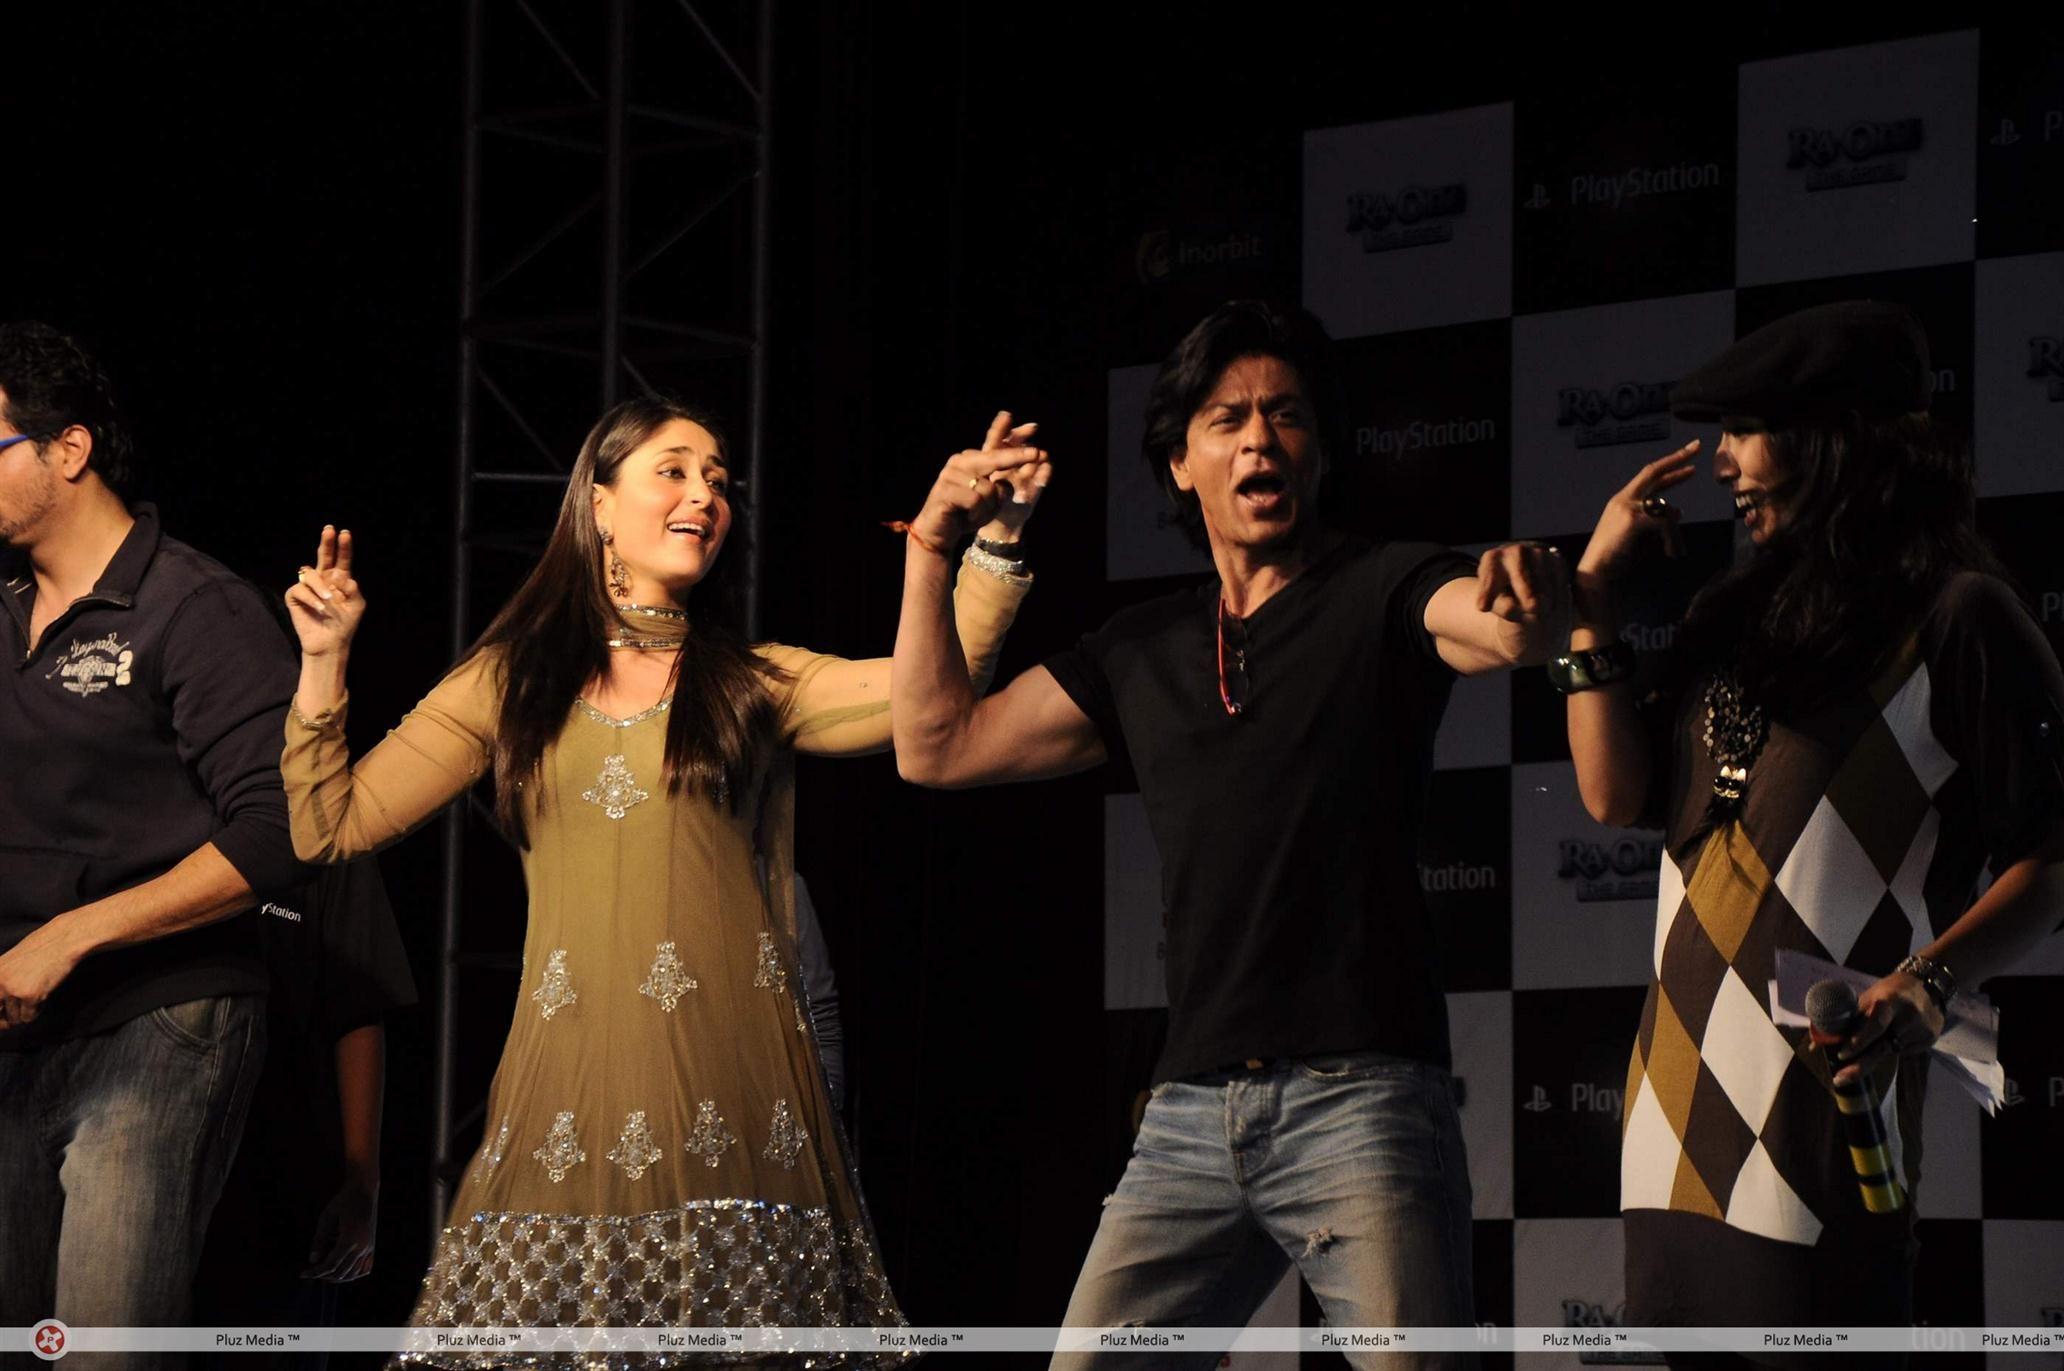 ra.one - shahrukh khan and kareena kapoor at the press conference of